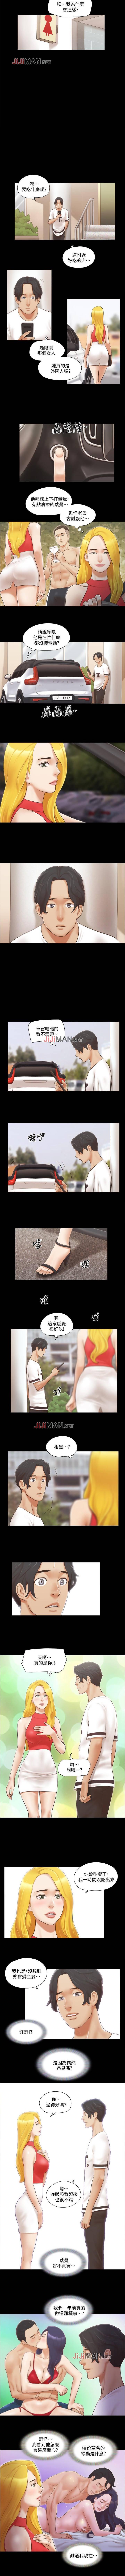 【周五连载】协议换爱(作者:遠德) 第1~57话 73